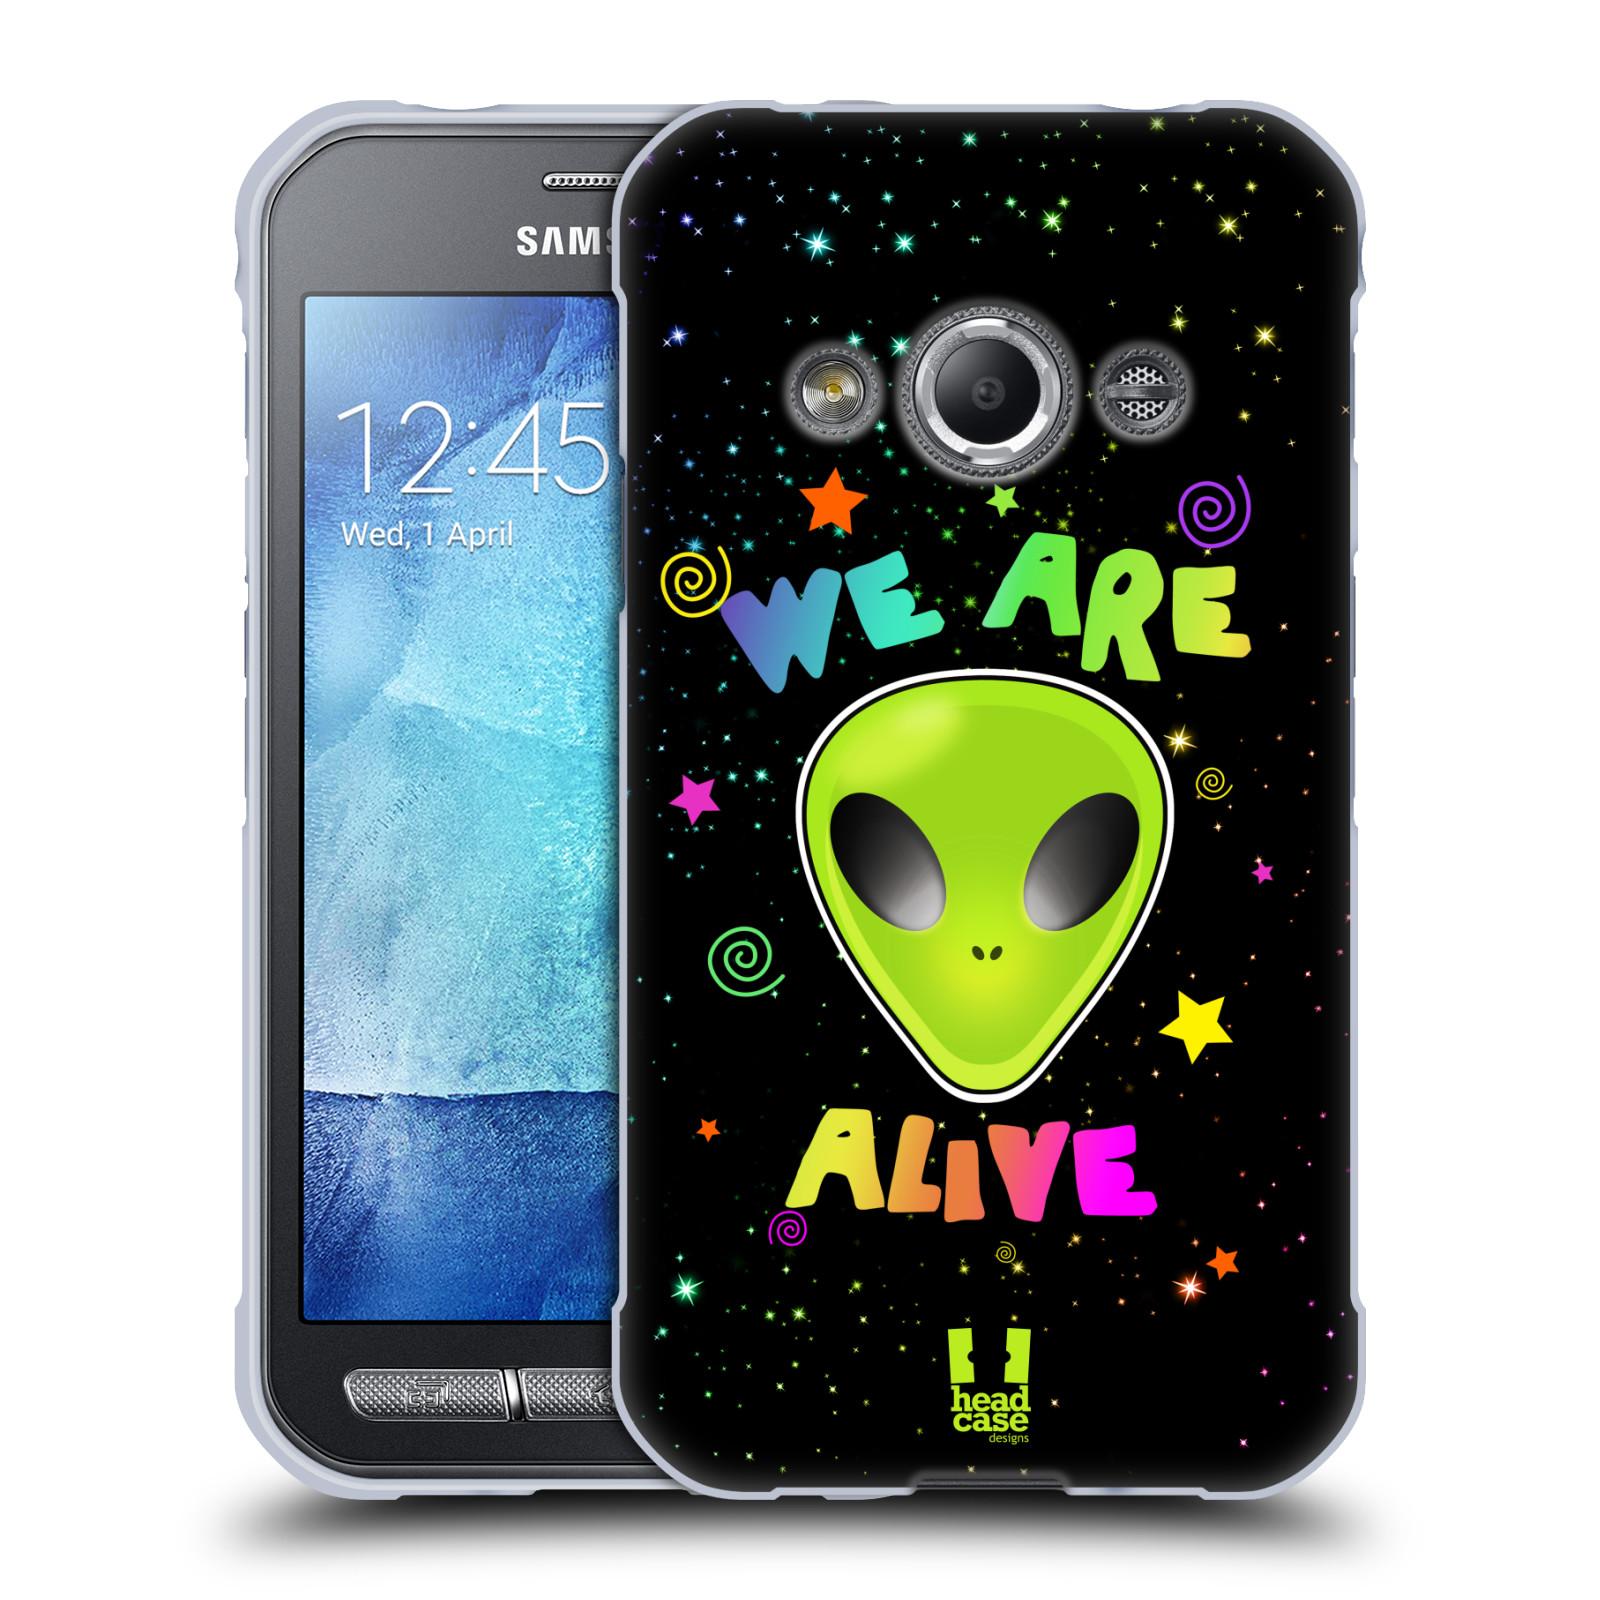 Silikonové pouzdro na mobil Samsung Galaxy Xcover 3 HEAD CASE ALIENS ALIVE